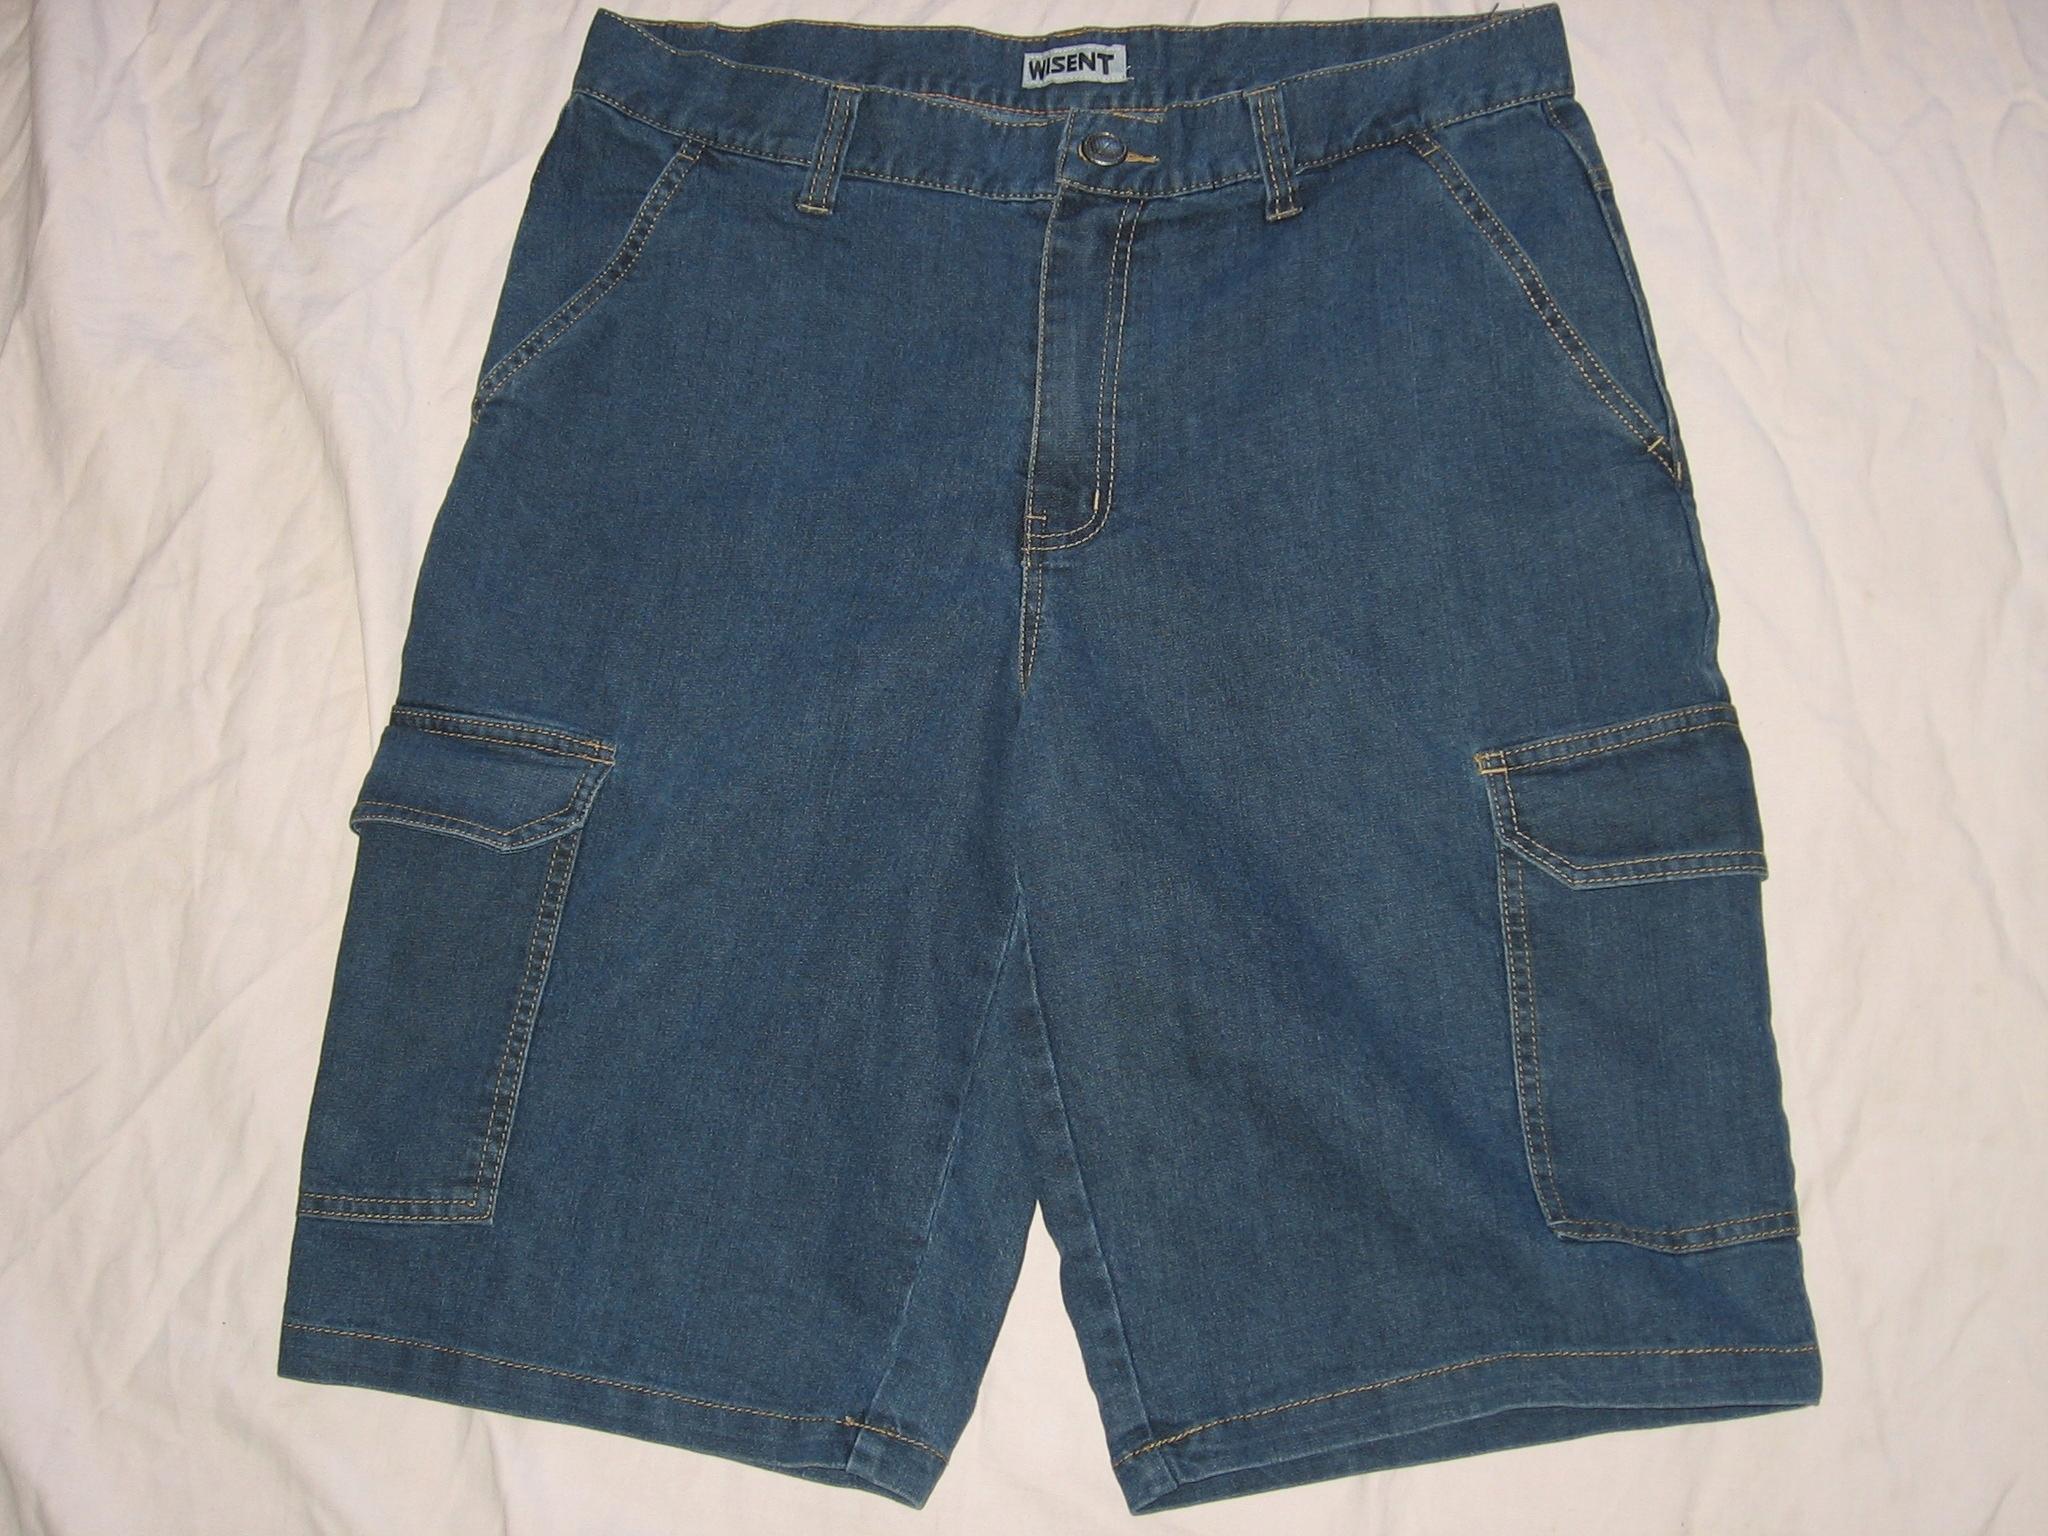 spodenki krótkie jeansowe dżinsowe pas 92-96cm 52